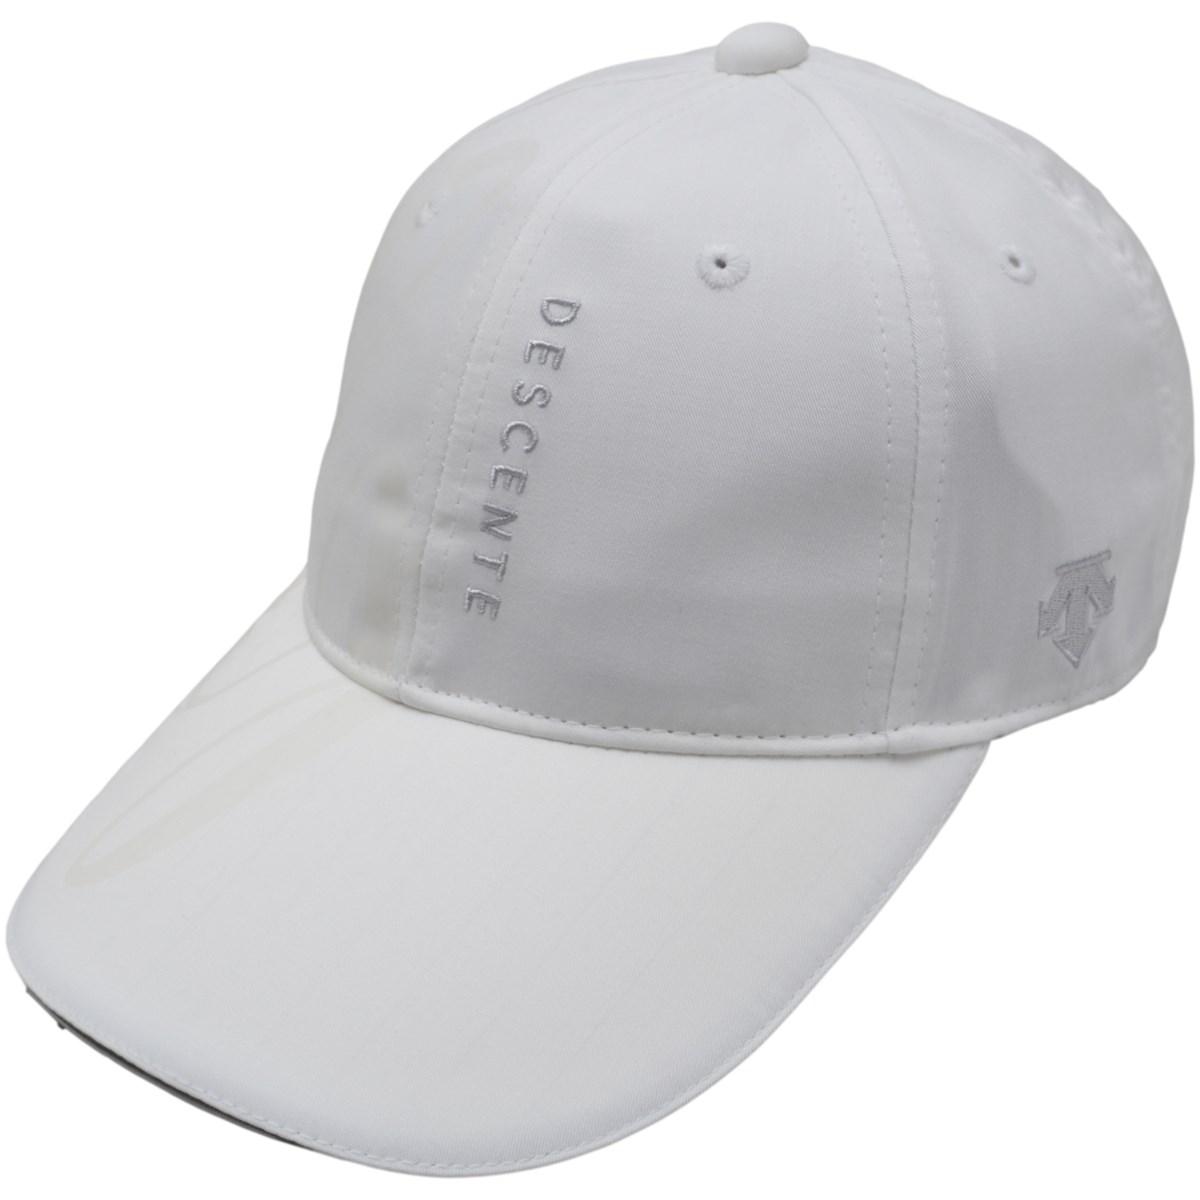 デサントゴルフ DESCENTE GOLF ECOキャップ フリー ホワイト 00 レディス